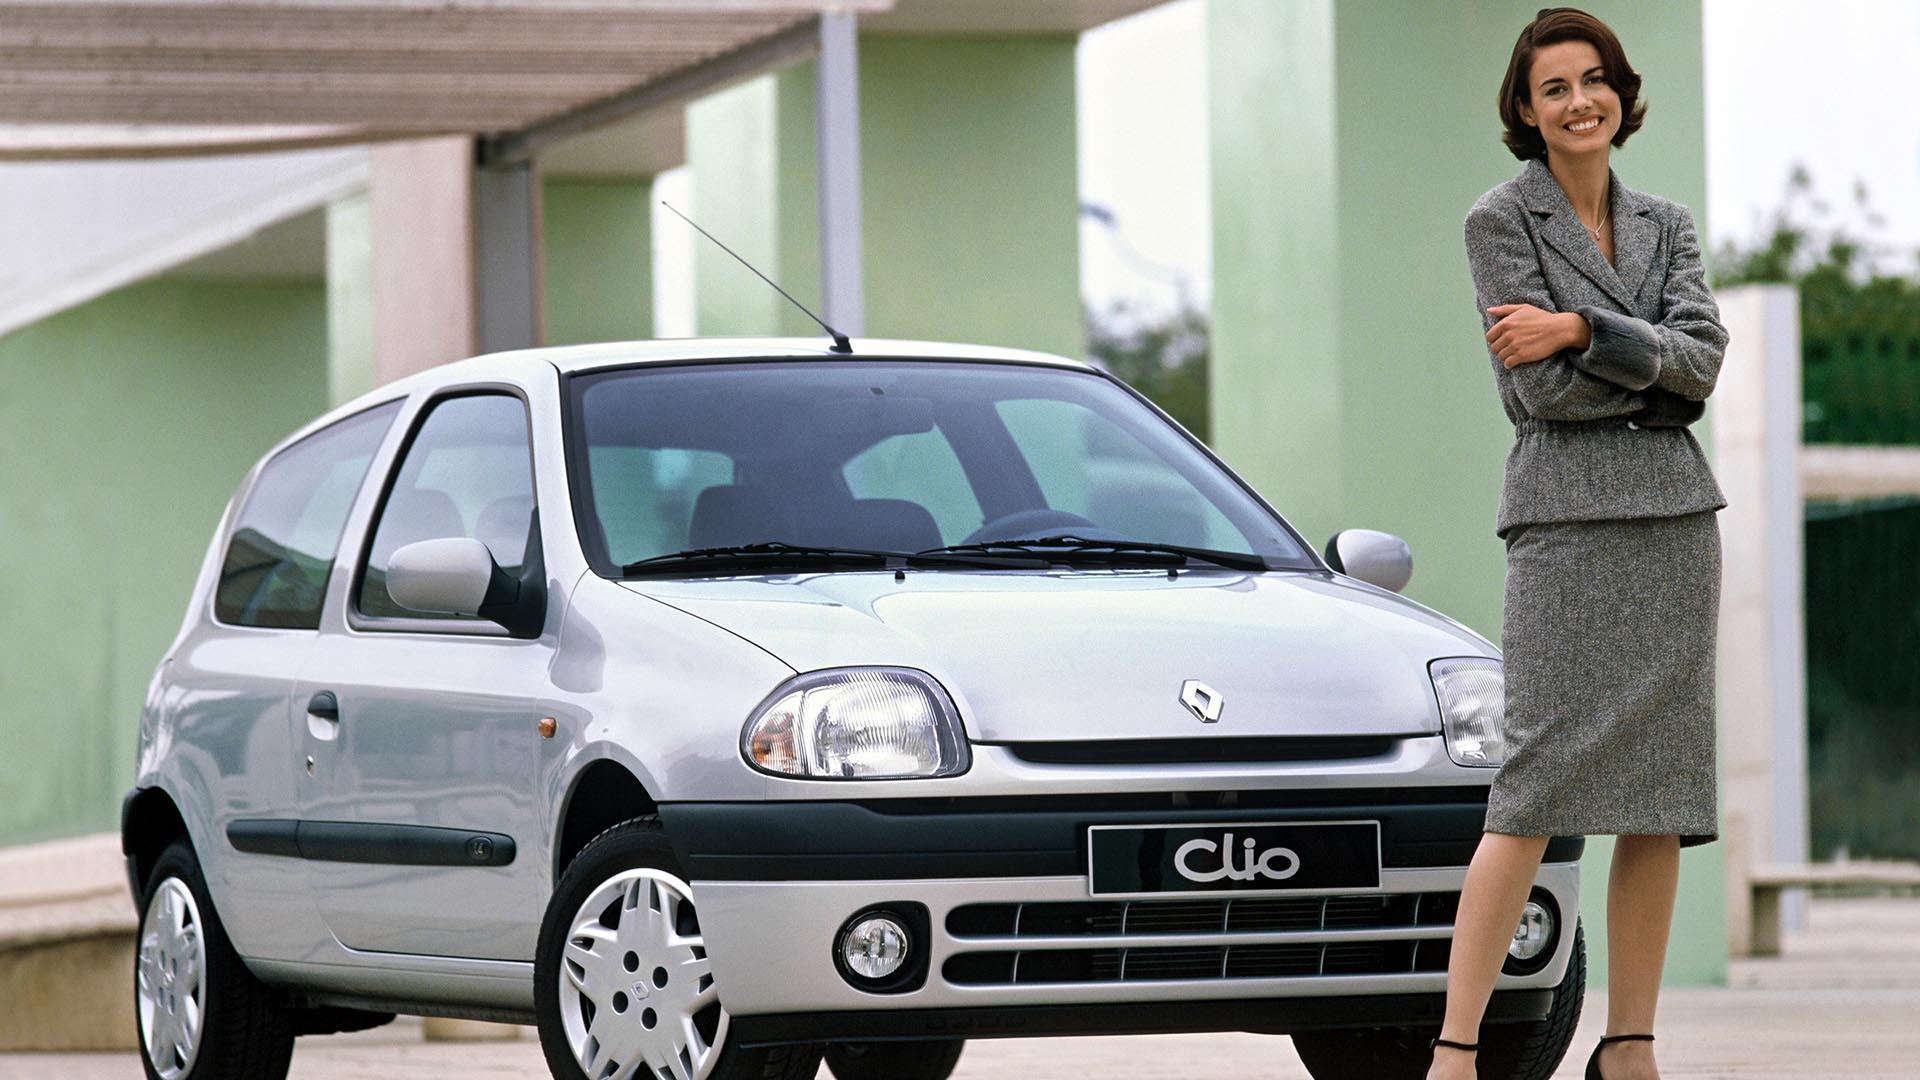 5. Clio